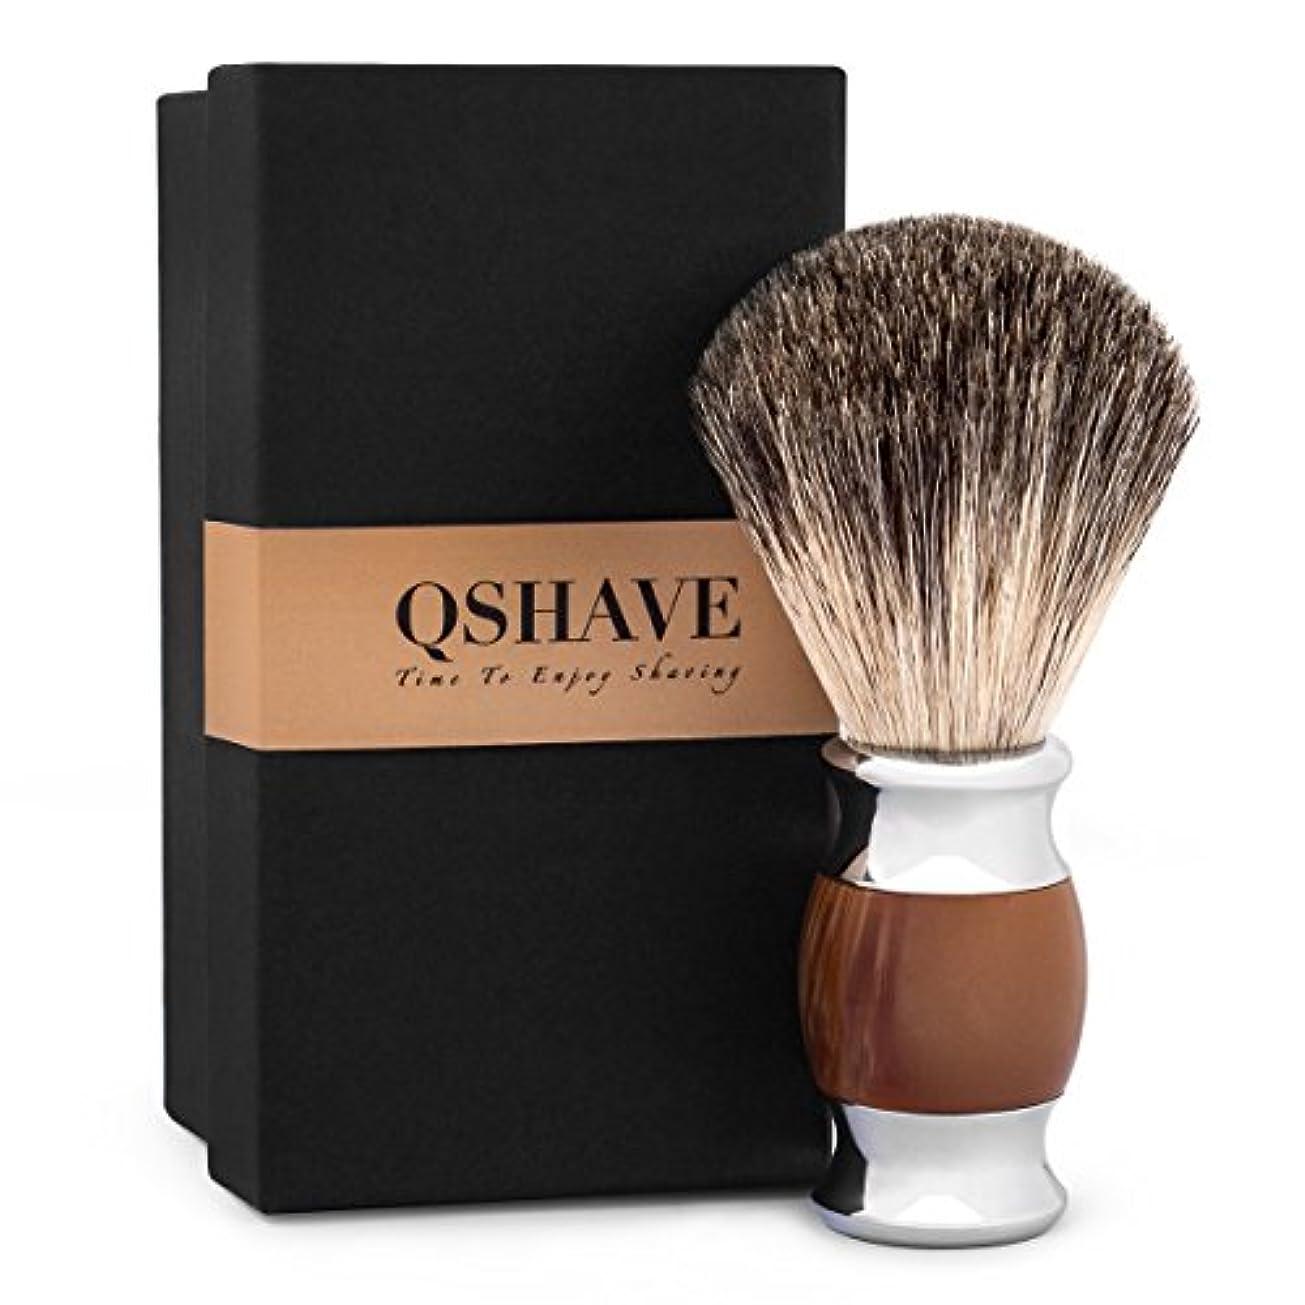 ペットアラバマトレーニングQSHAVE 100%最高級アナグマ毛オリジナルハンドメイドシェービングブラシ。人工メノウ ハンドル。ウェットシェービング、安全カミソリ、両刃カミソリに最適